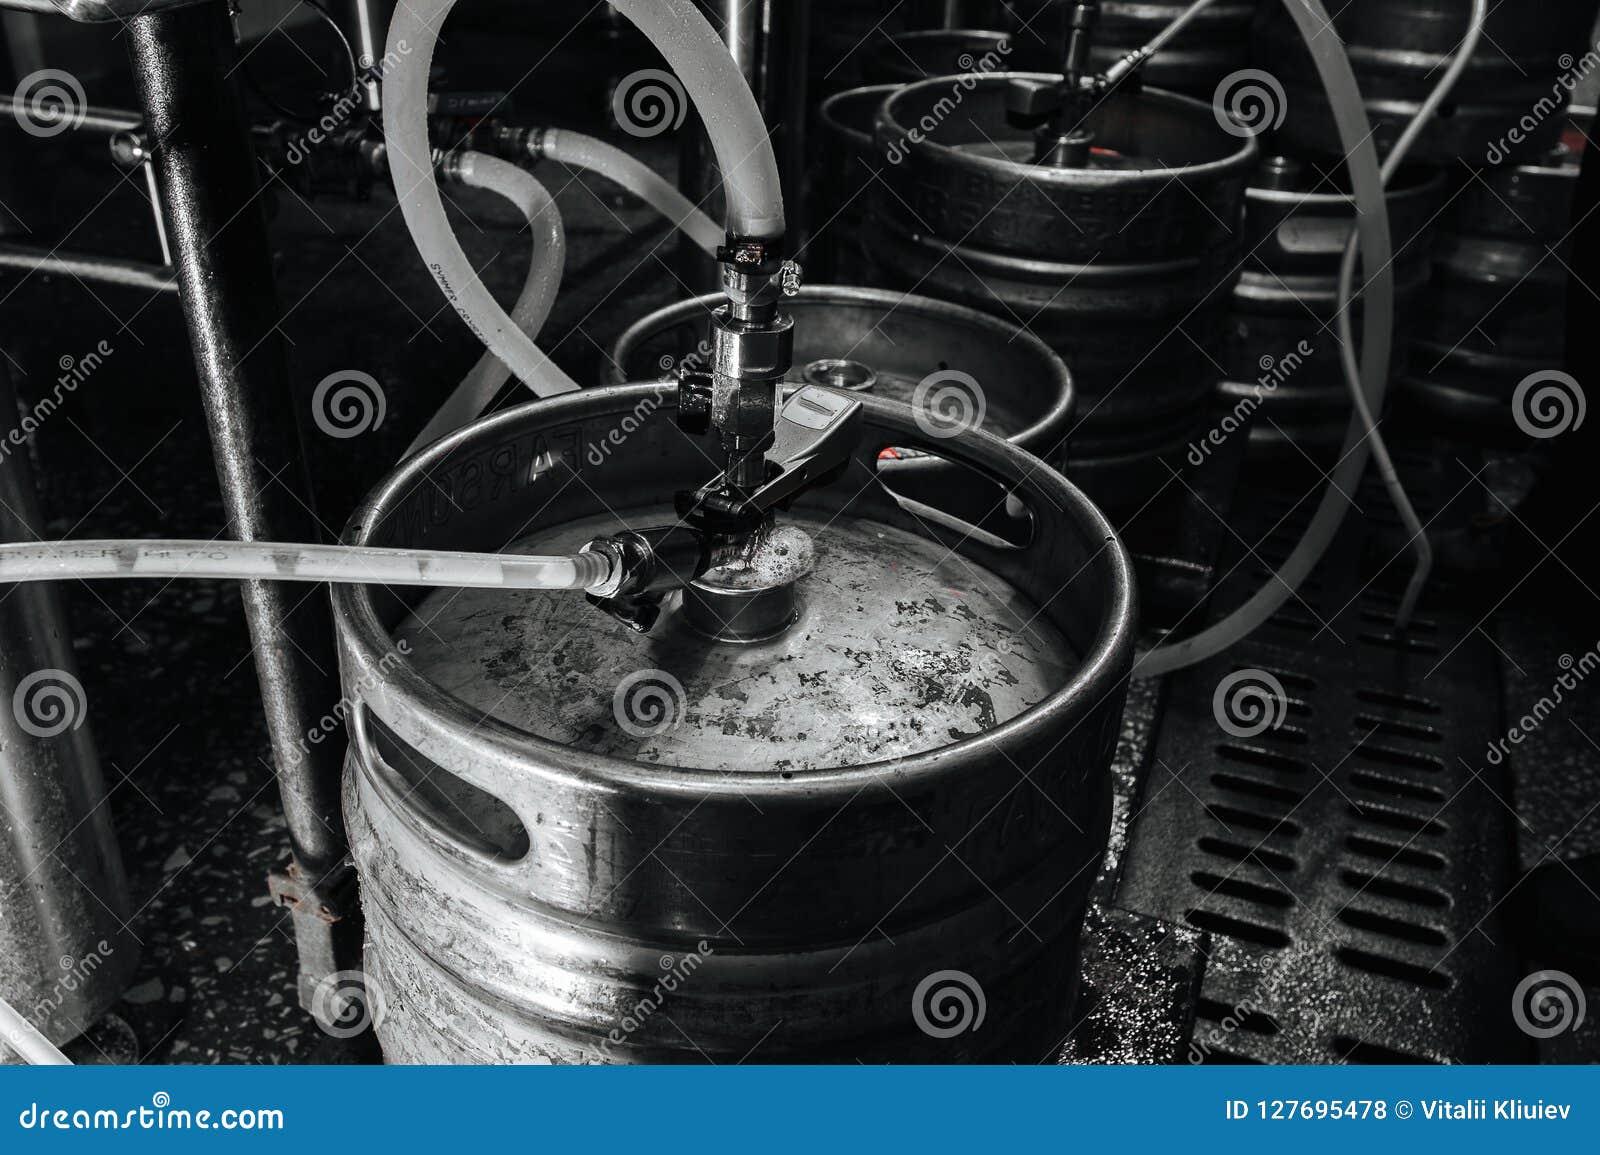 Steel industrial stack of beer kegs against.